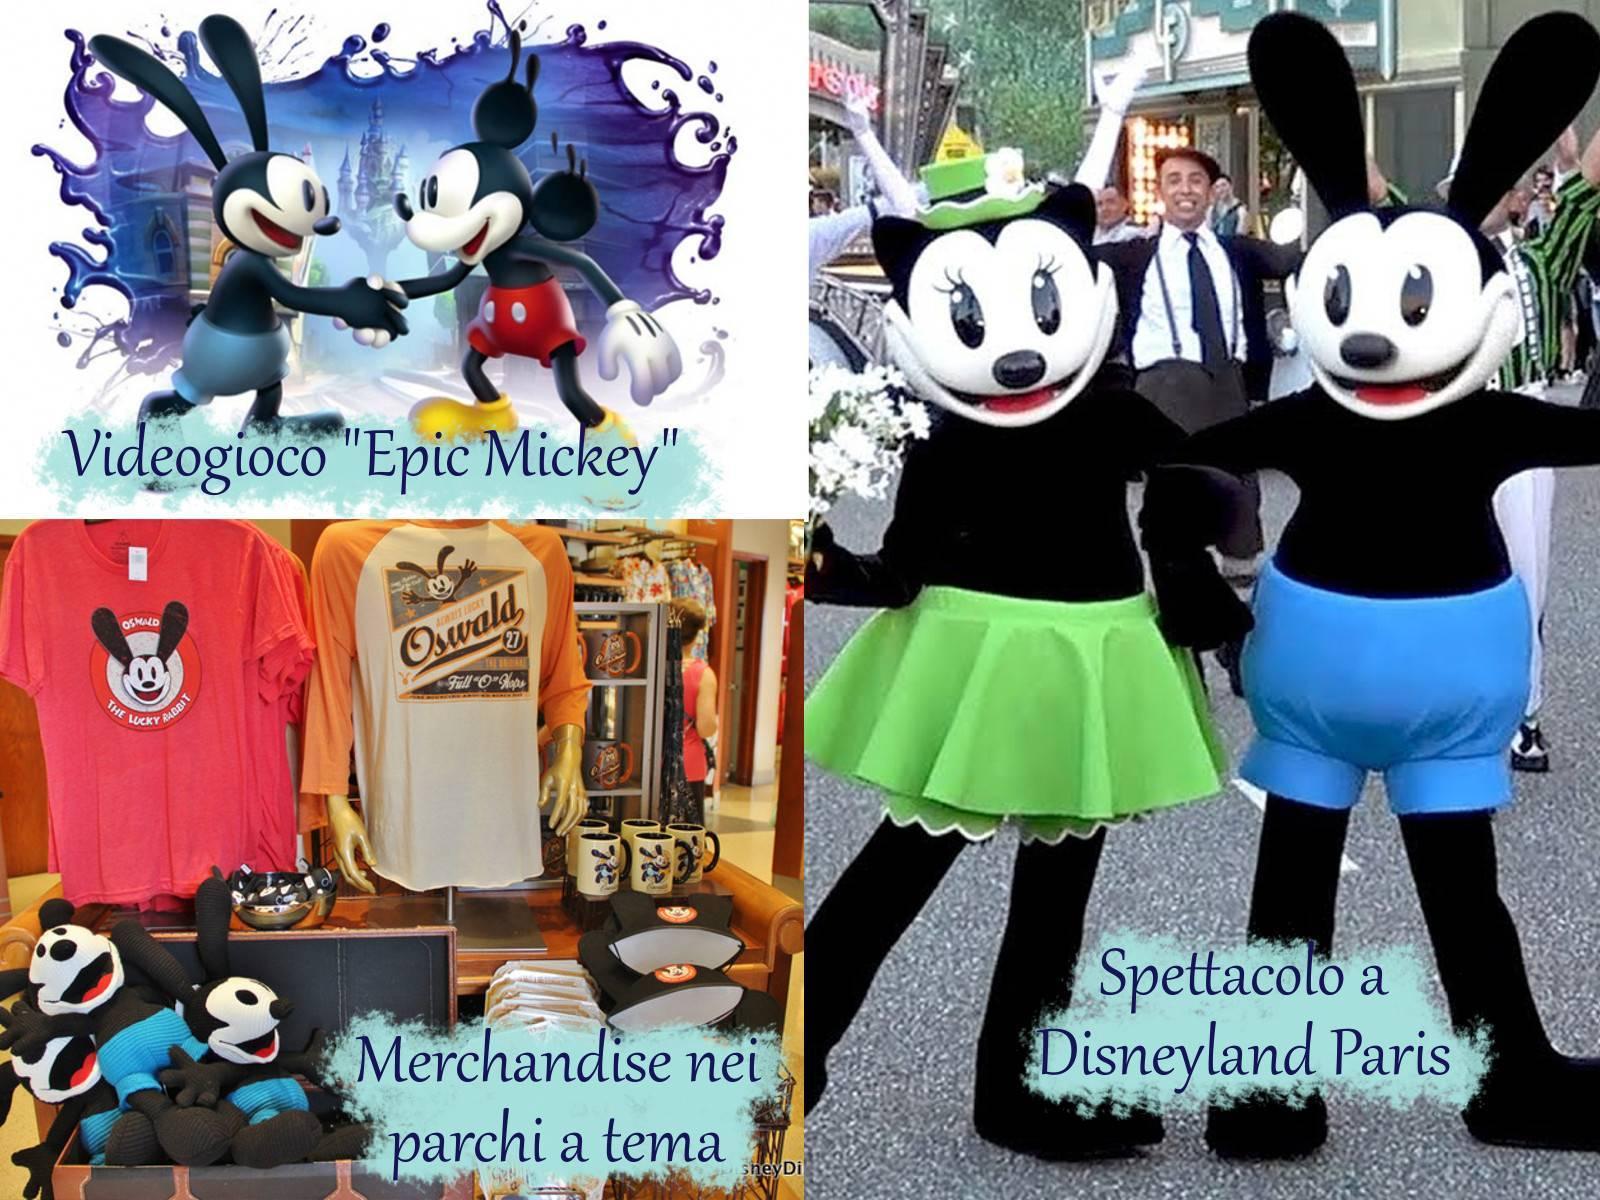 """Oswald il coniglio fortunato in tre foto: copertina del videogioco """"Epic Mickey"""", merchandise dei parchi a tema e spettacolo a Disneyland Paris."""